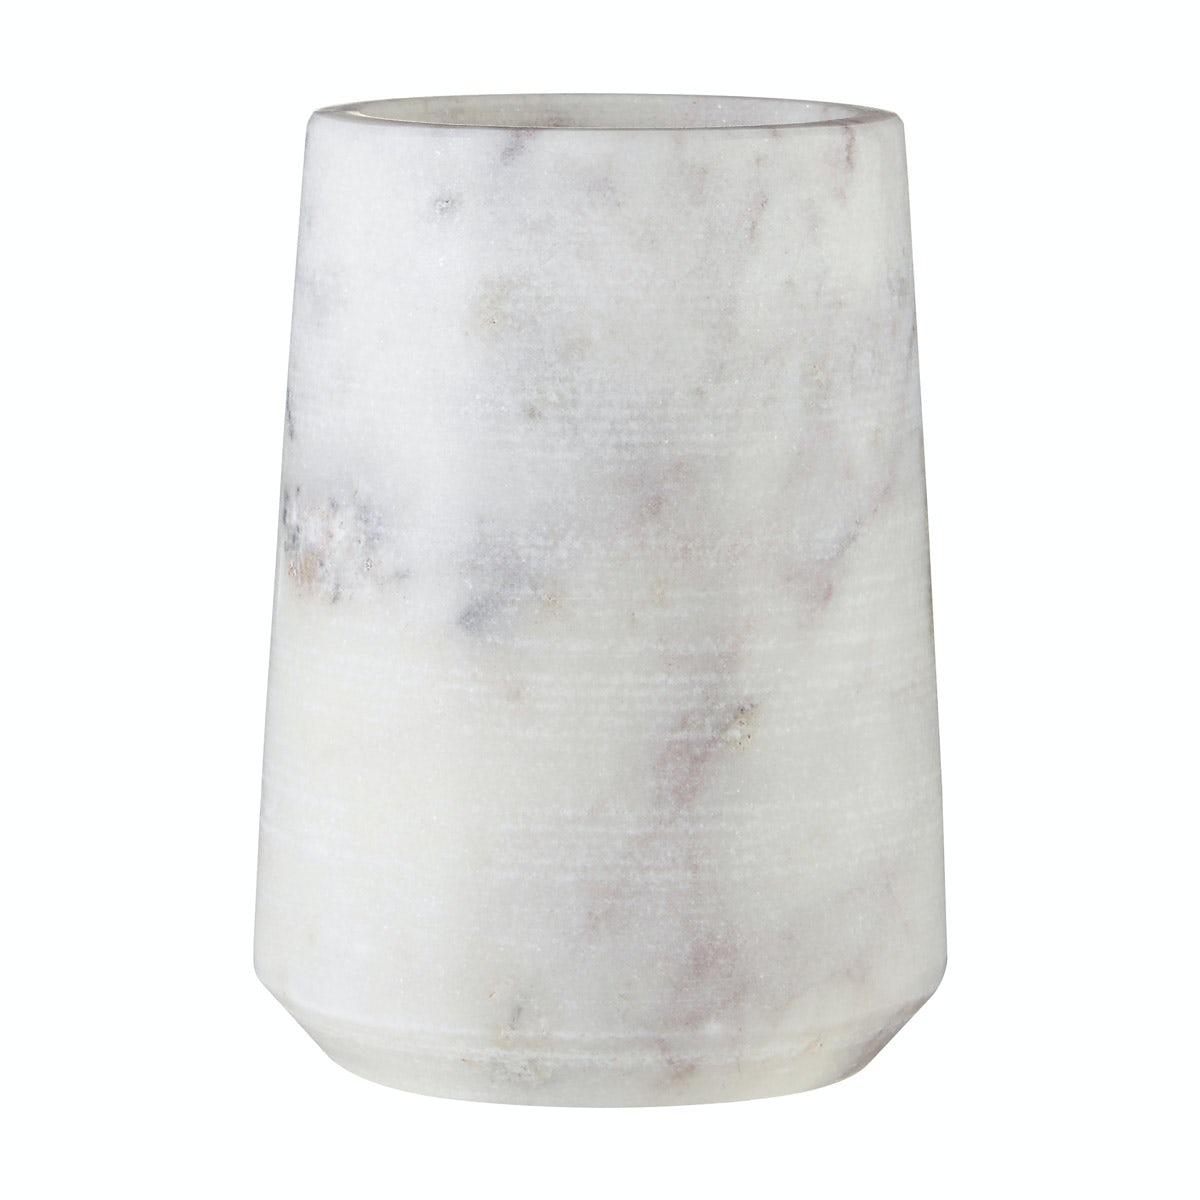 Mode White marble tumbler